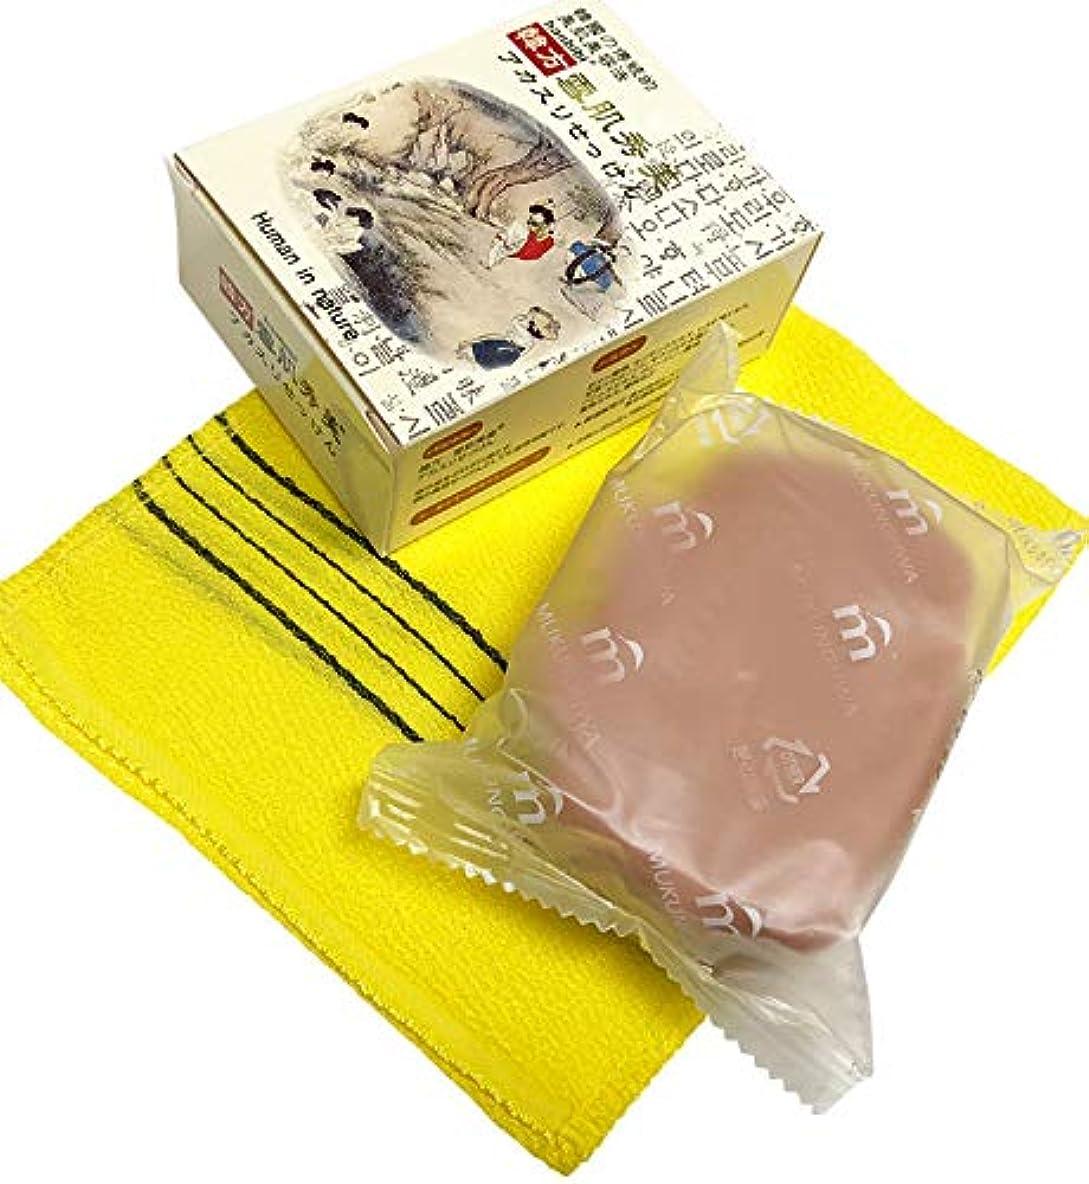 大理石本土複合顔、体兼用、蜂蜜香りの韓方石ケン、韓国コスメ 韓方[]蜂蜜アカスリせっけん アカスリ専用タオル付き